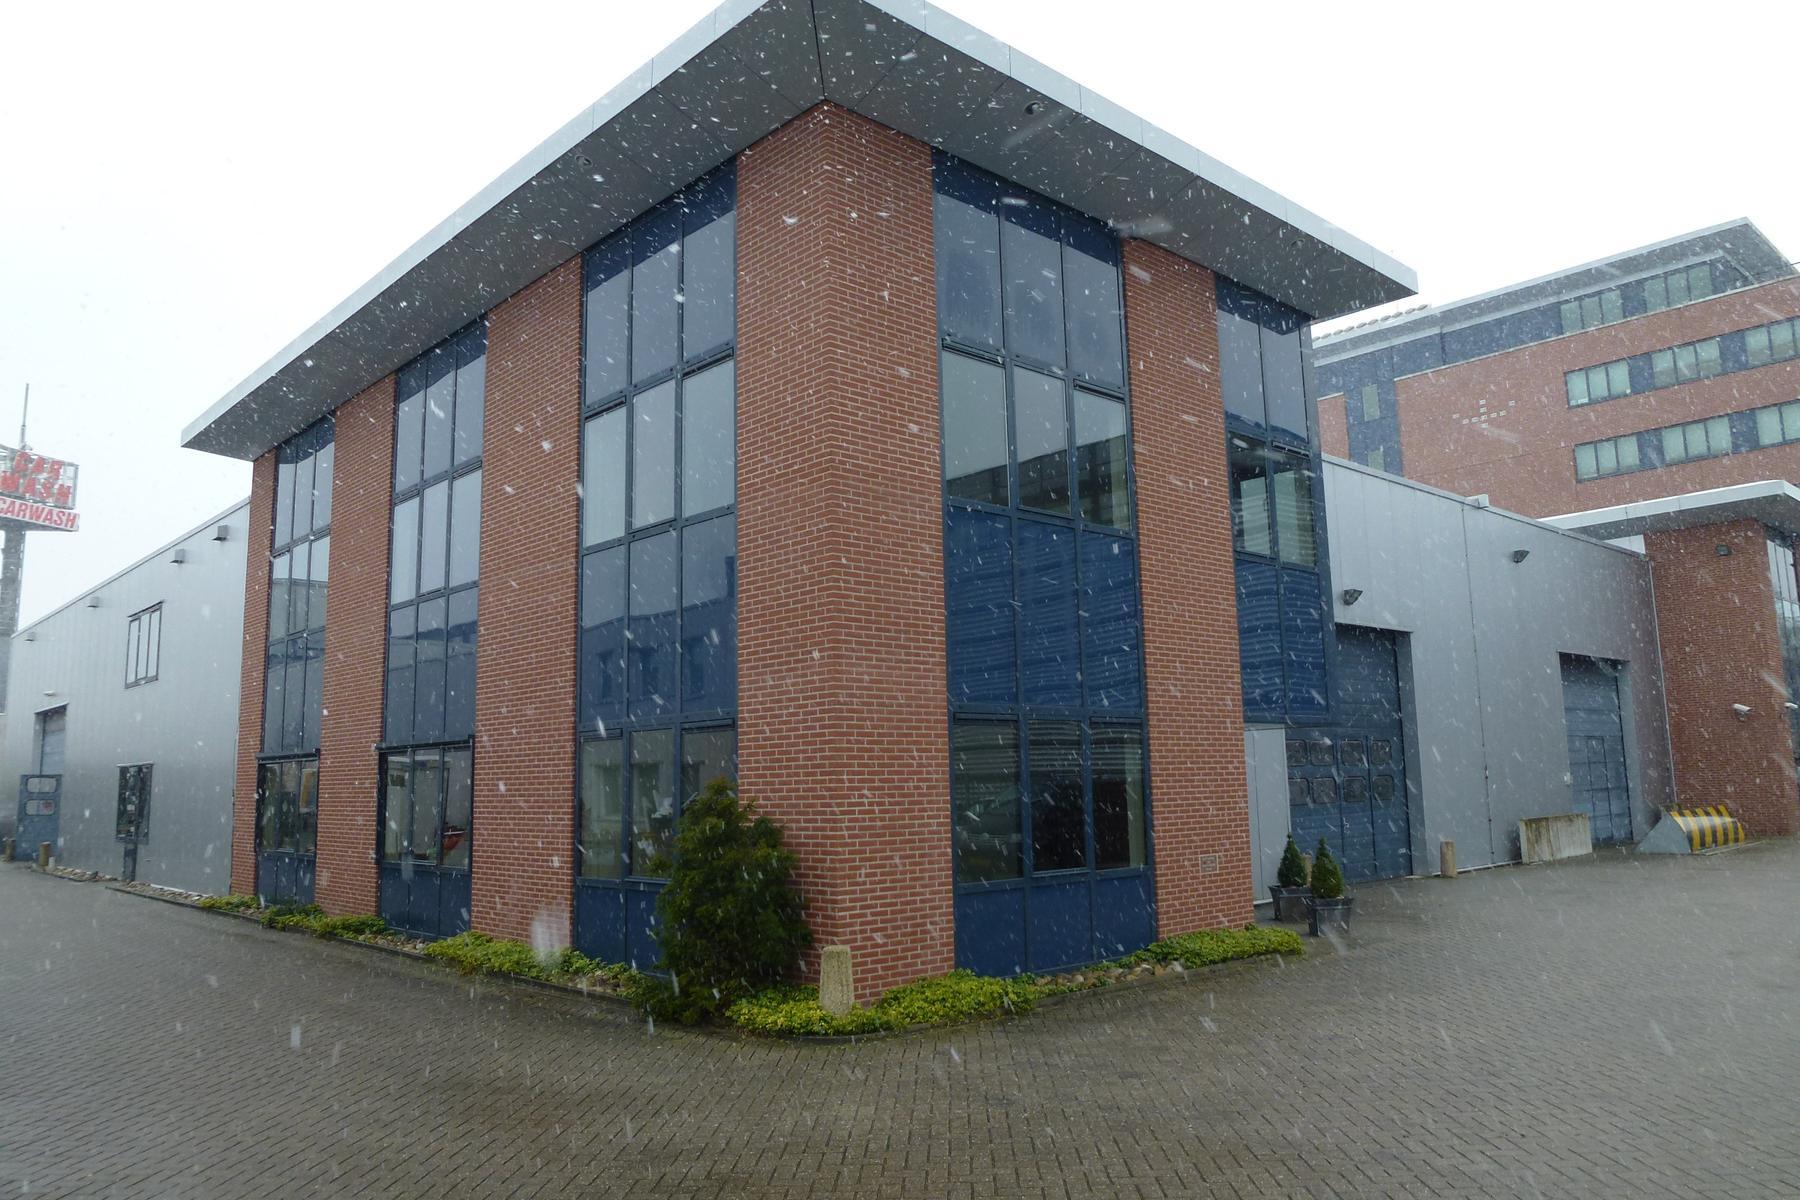 Op bedrijventerrein Calveen, Astronaut 26 te Amersfoort is deze zeer nette kantoorruimte te huur.<BR><BR>meer informatie via ReBM Bedrijfsmakelaardij Amersfoort